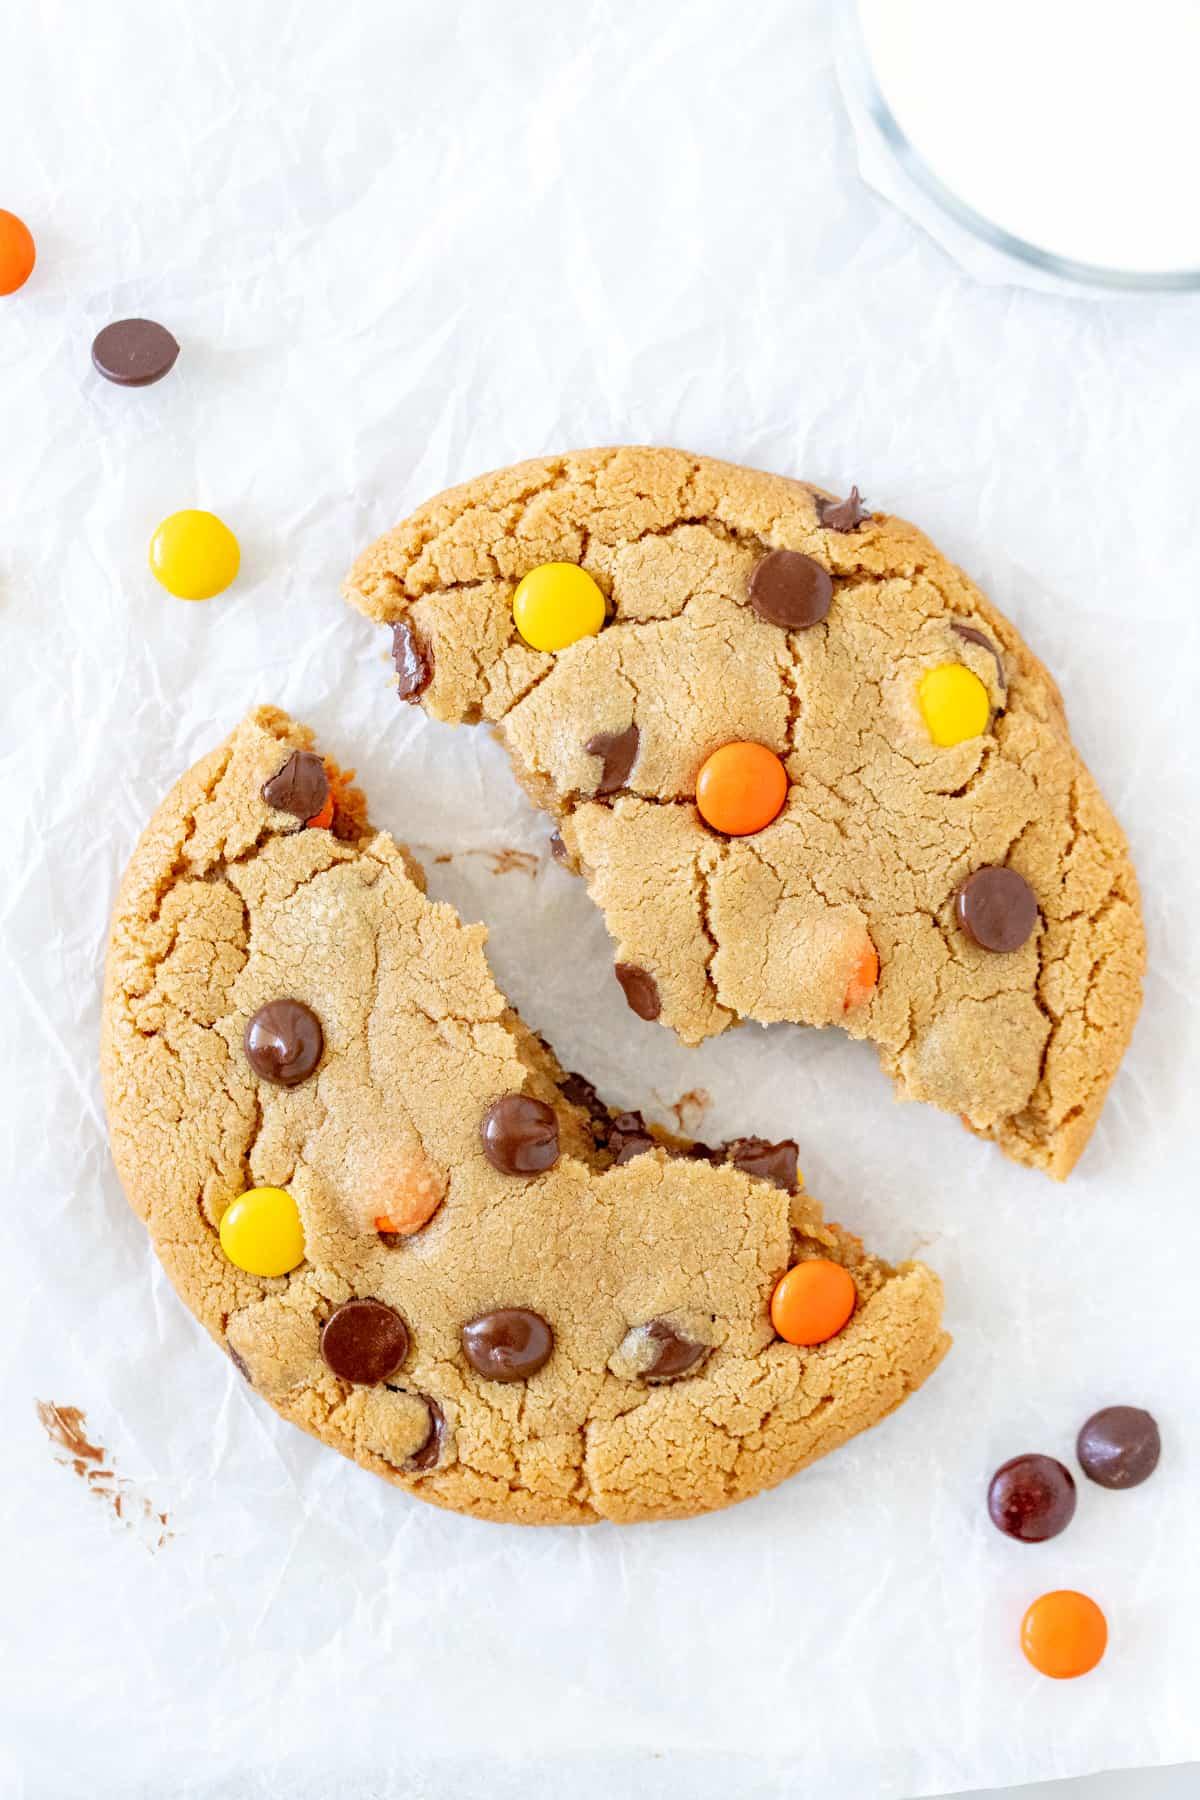 Peanut butter cookie for one, broken in half